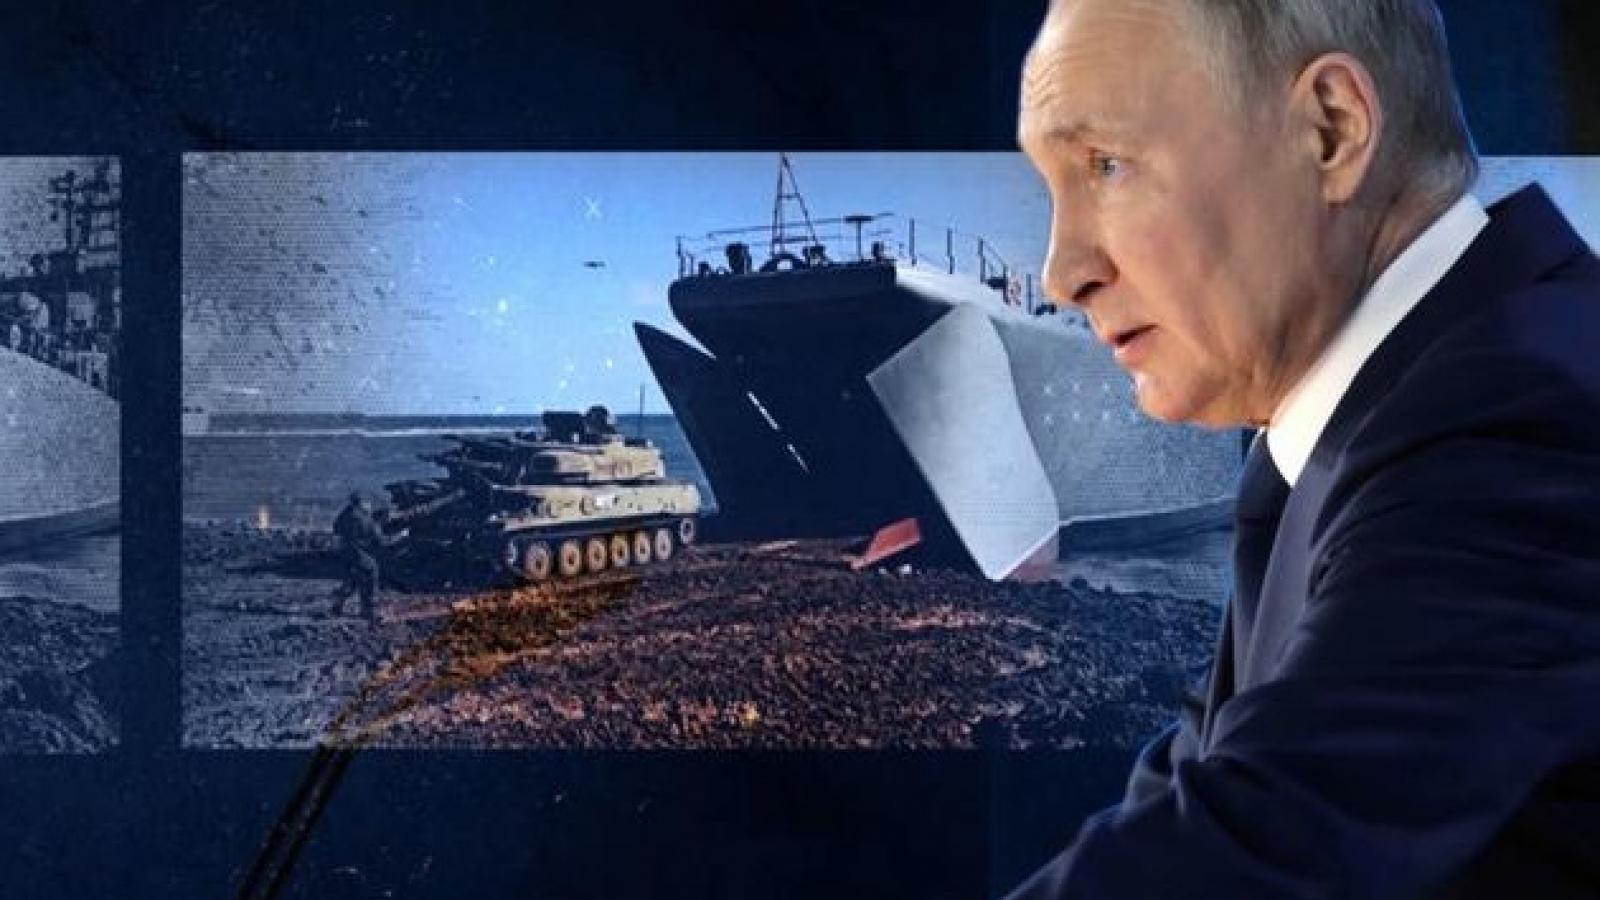 Rầm rộ tập trận quân sự - Nguy cơ đối đầu giữa Nga và NATO